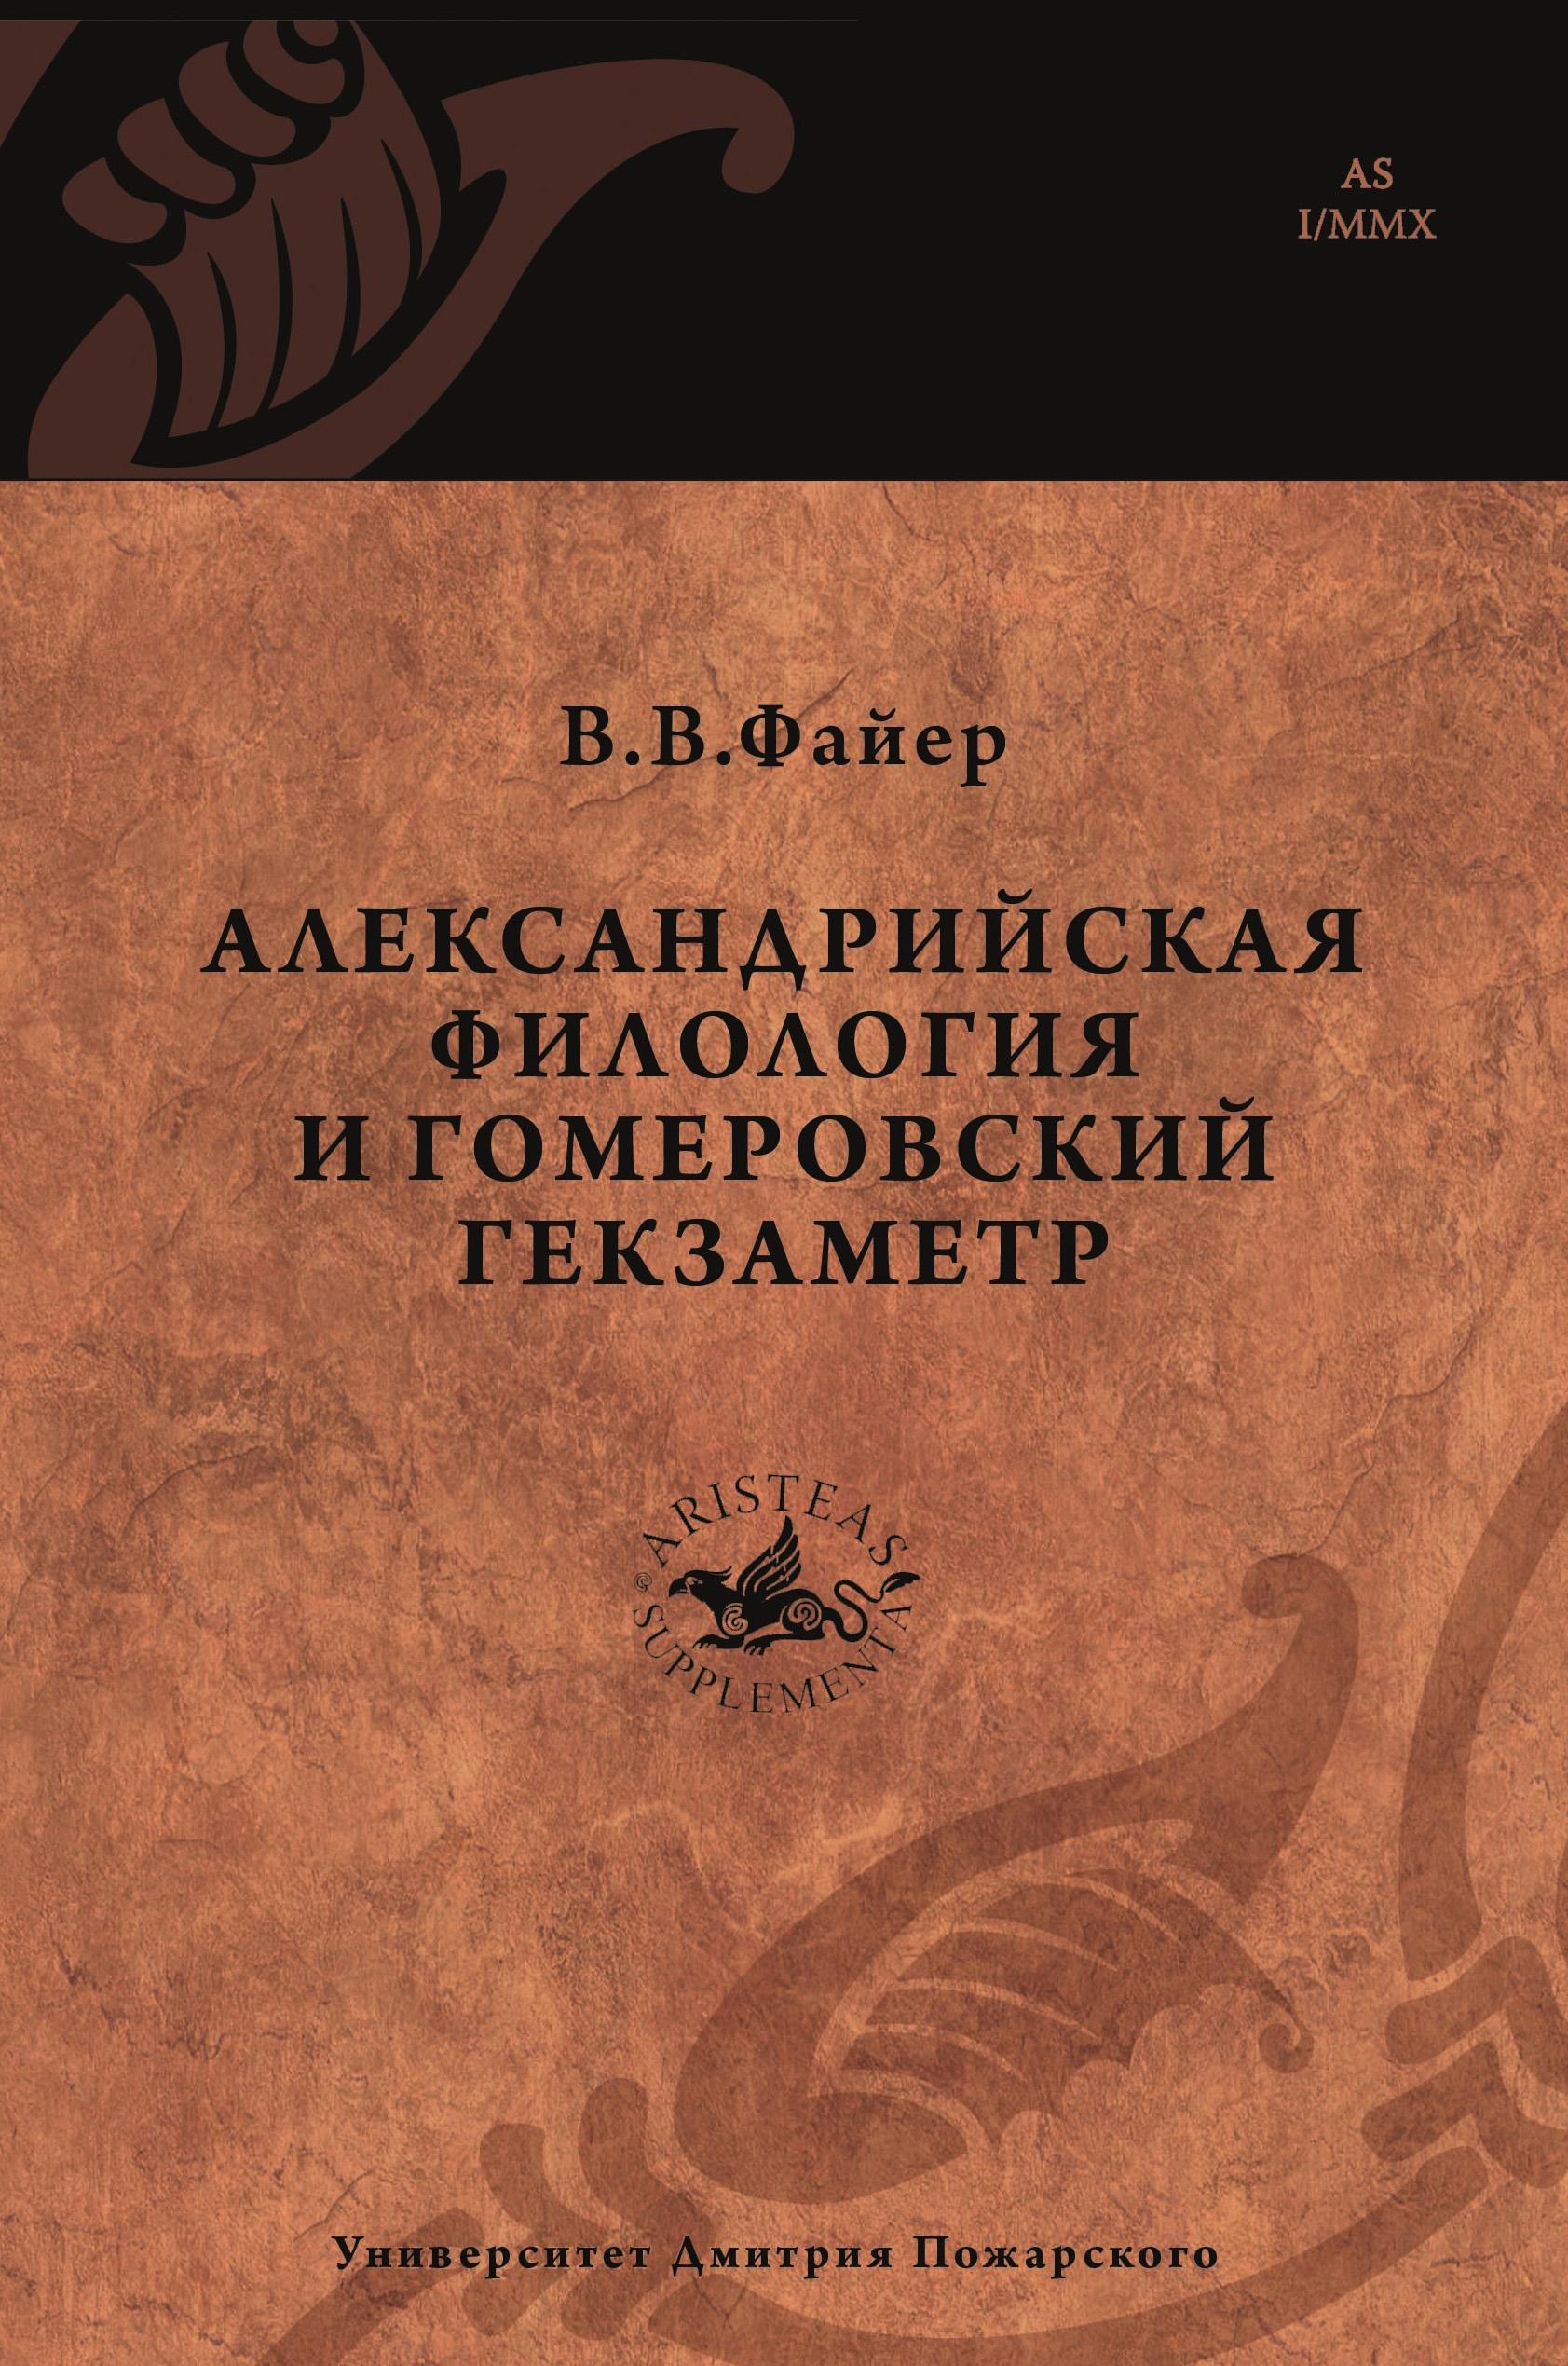 aleksandriyskaya filologiya i gomerovskiy gekzametr